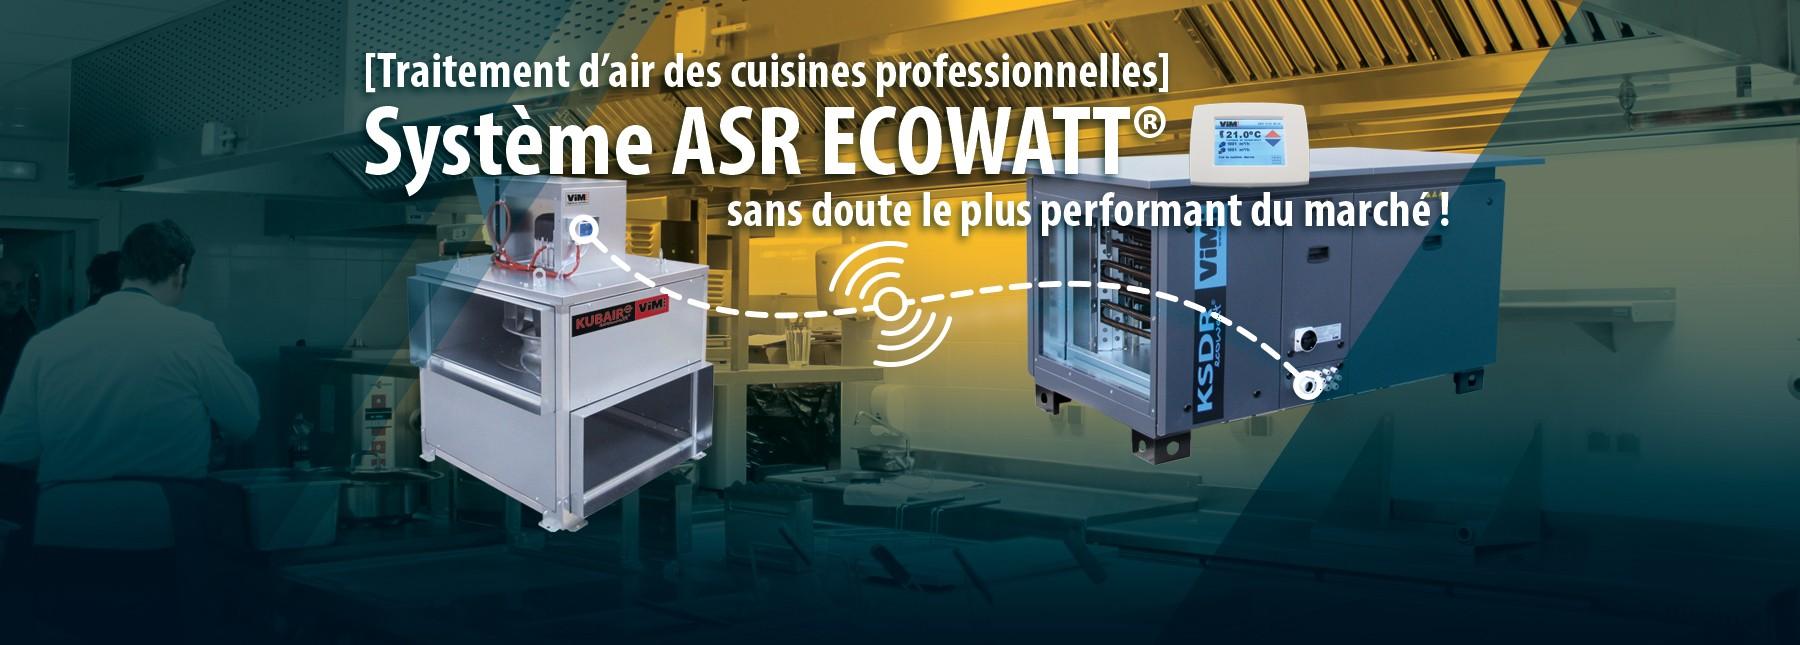 Système ASR ECOWATT le plus performant du marché